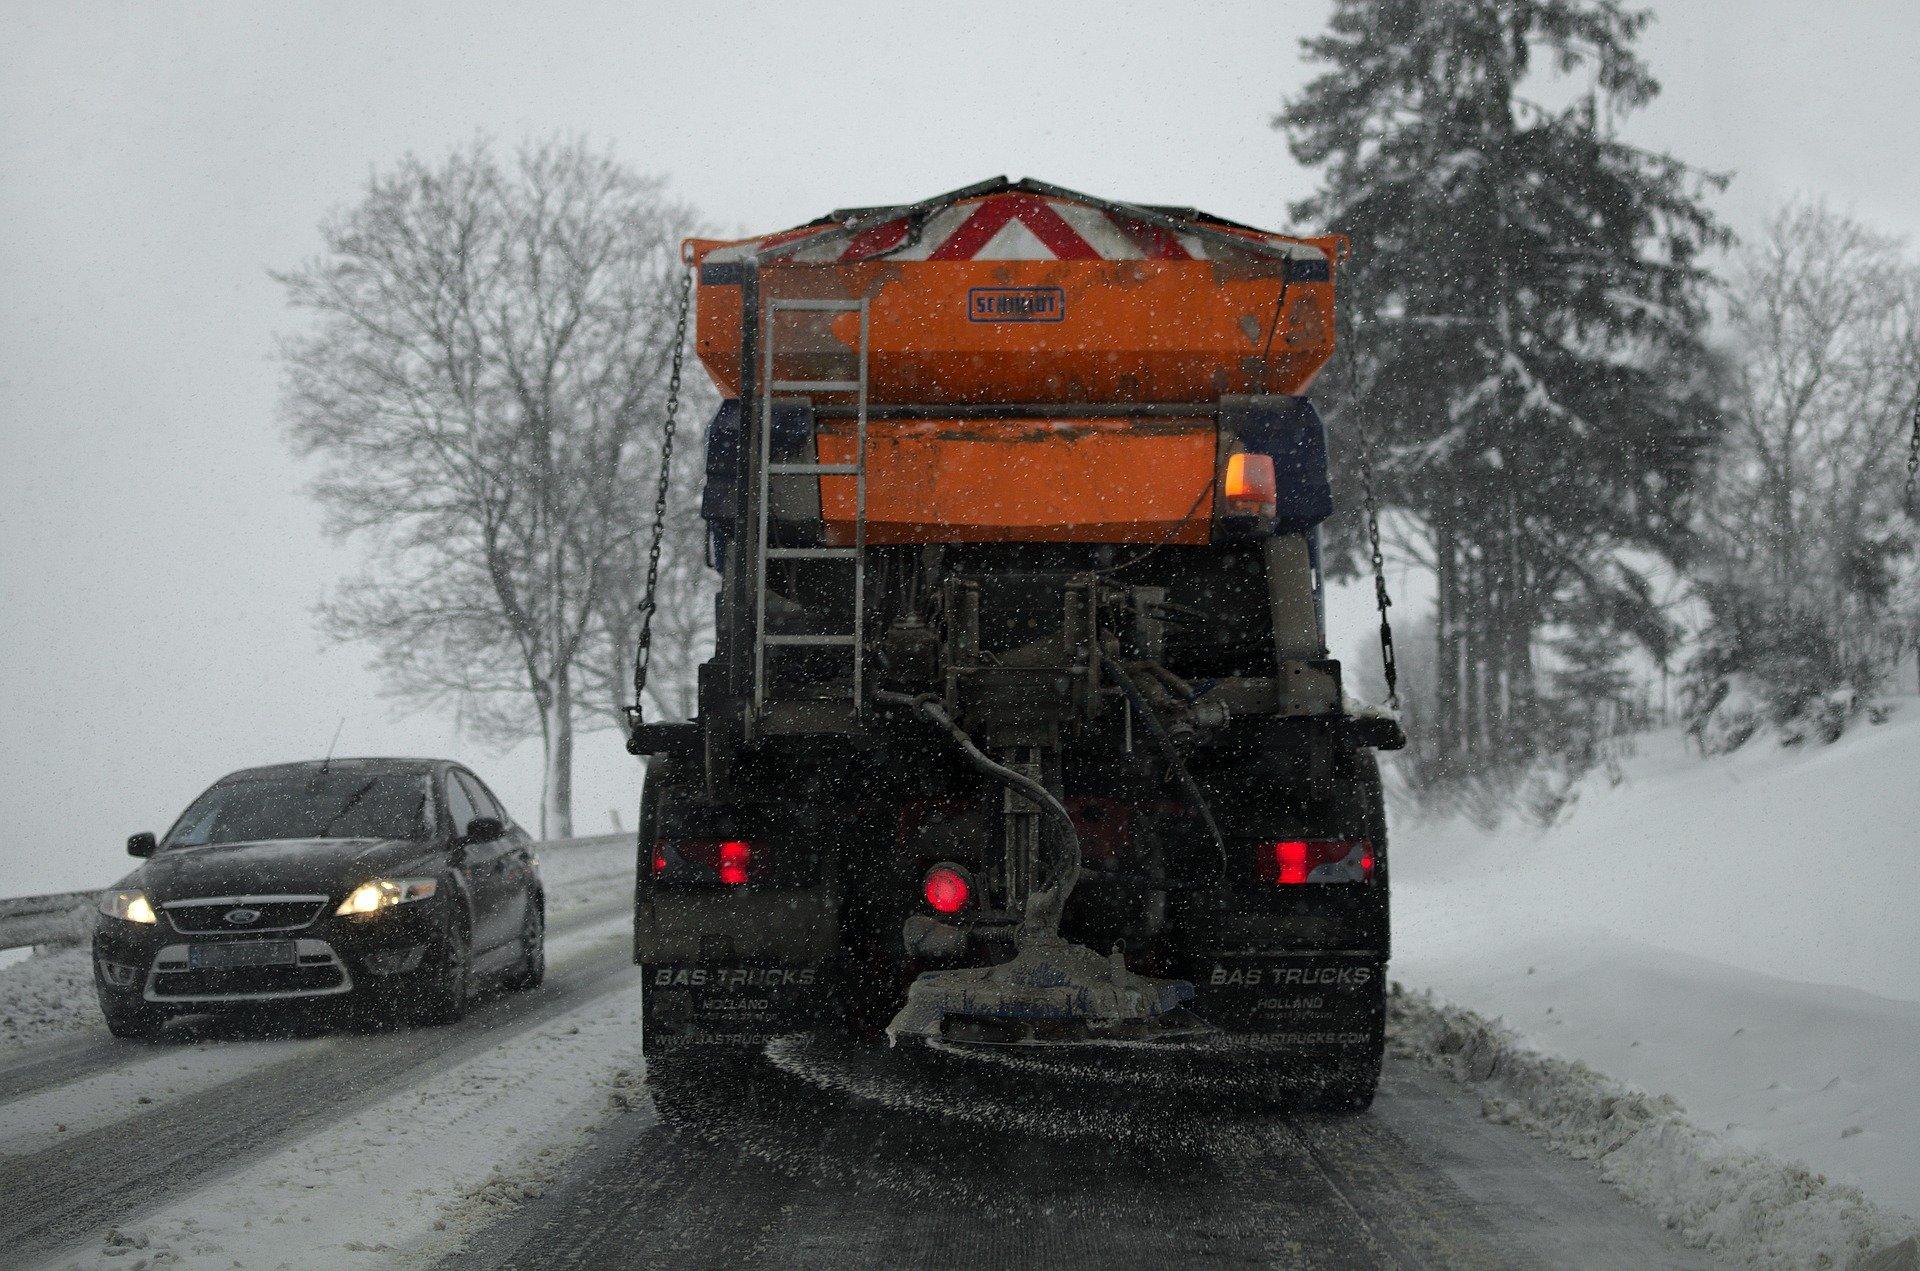 Trudne warunki na drogach. Bądźmy ostrożni! - Zdjęcie główne